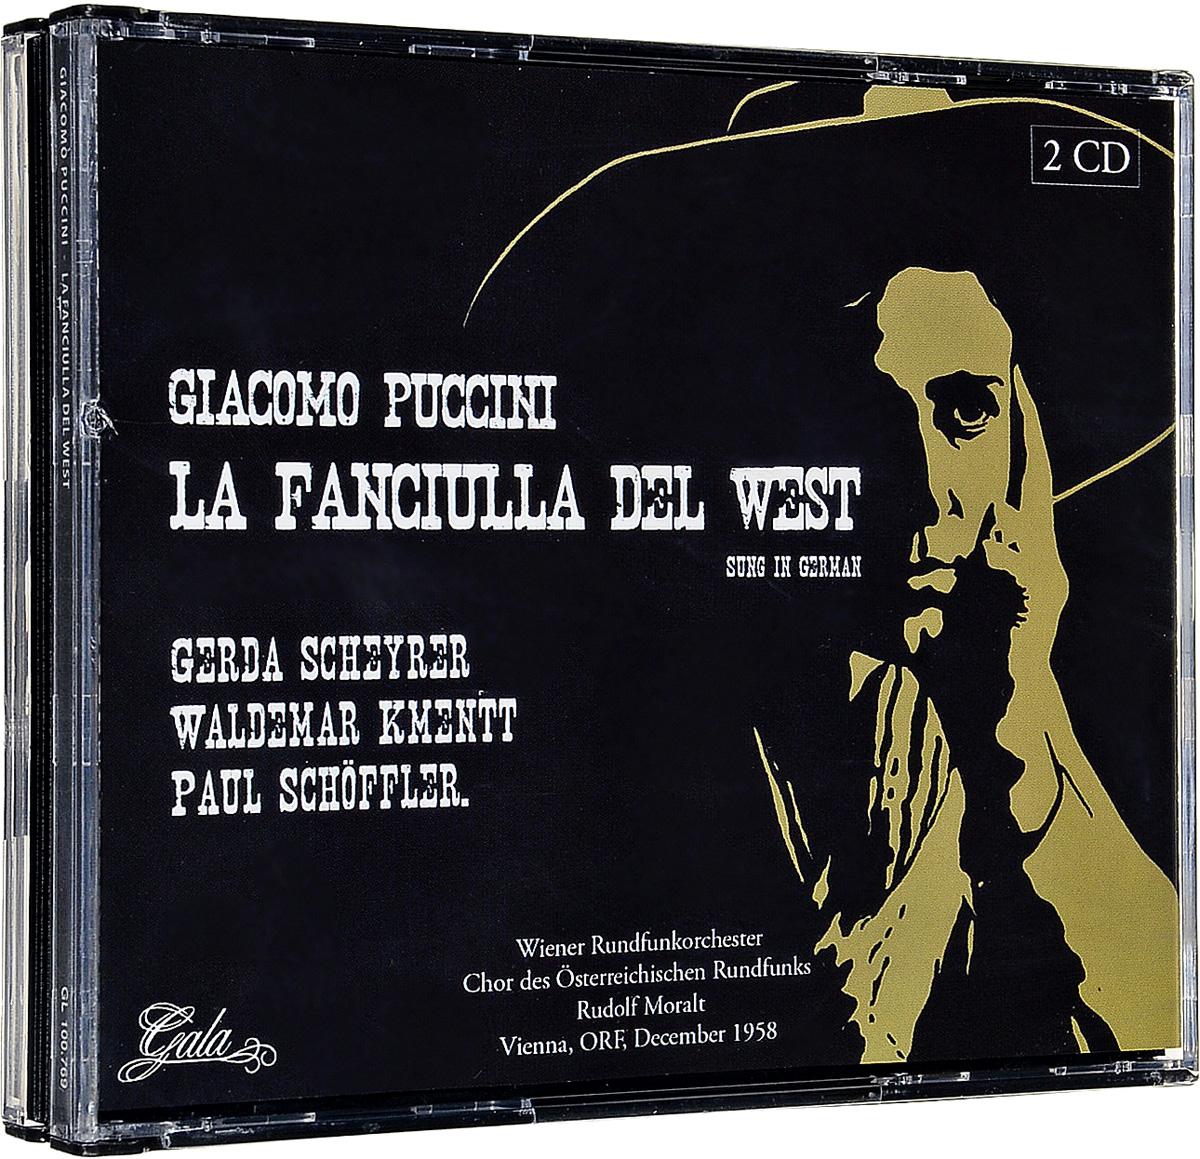 Джакомо Пуччини Giacomo Puccini. La Fanciulla Del West (Vienna, Orf, December 1958) (2 CD) puccini la boheme